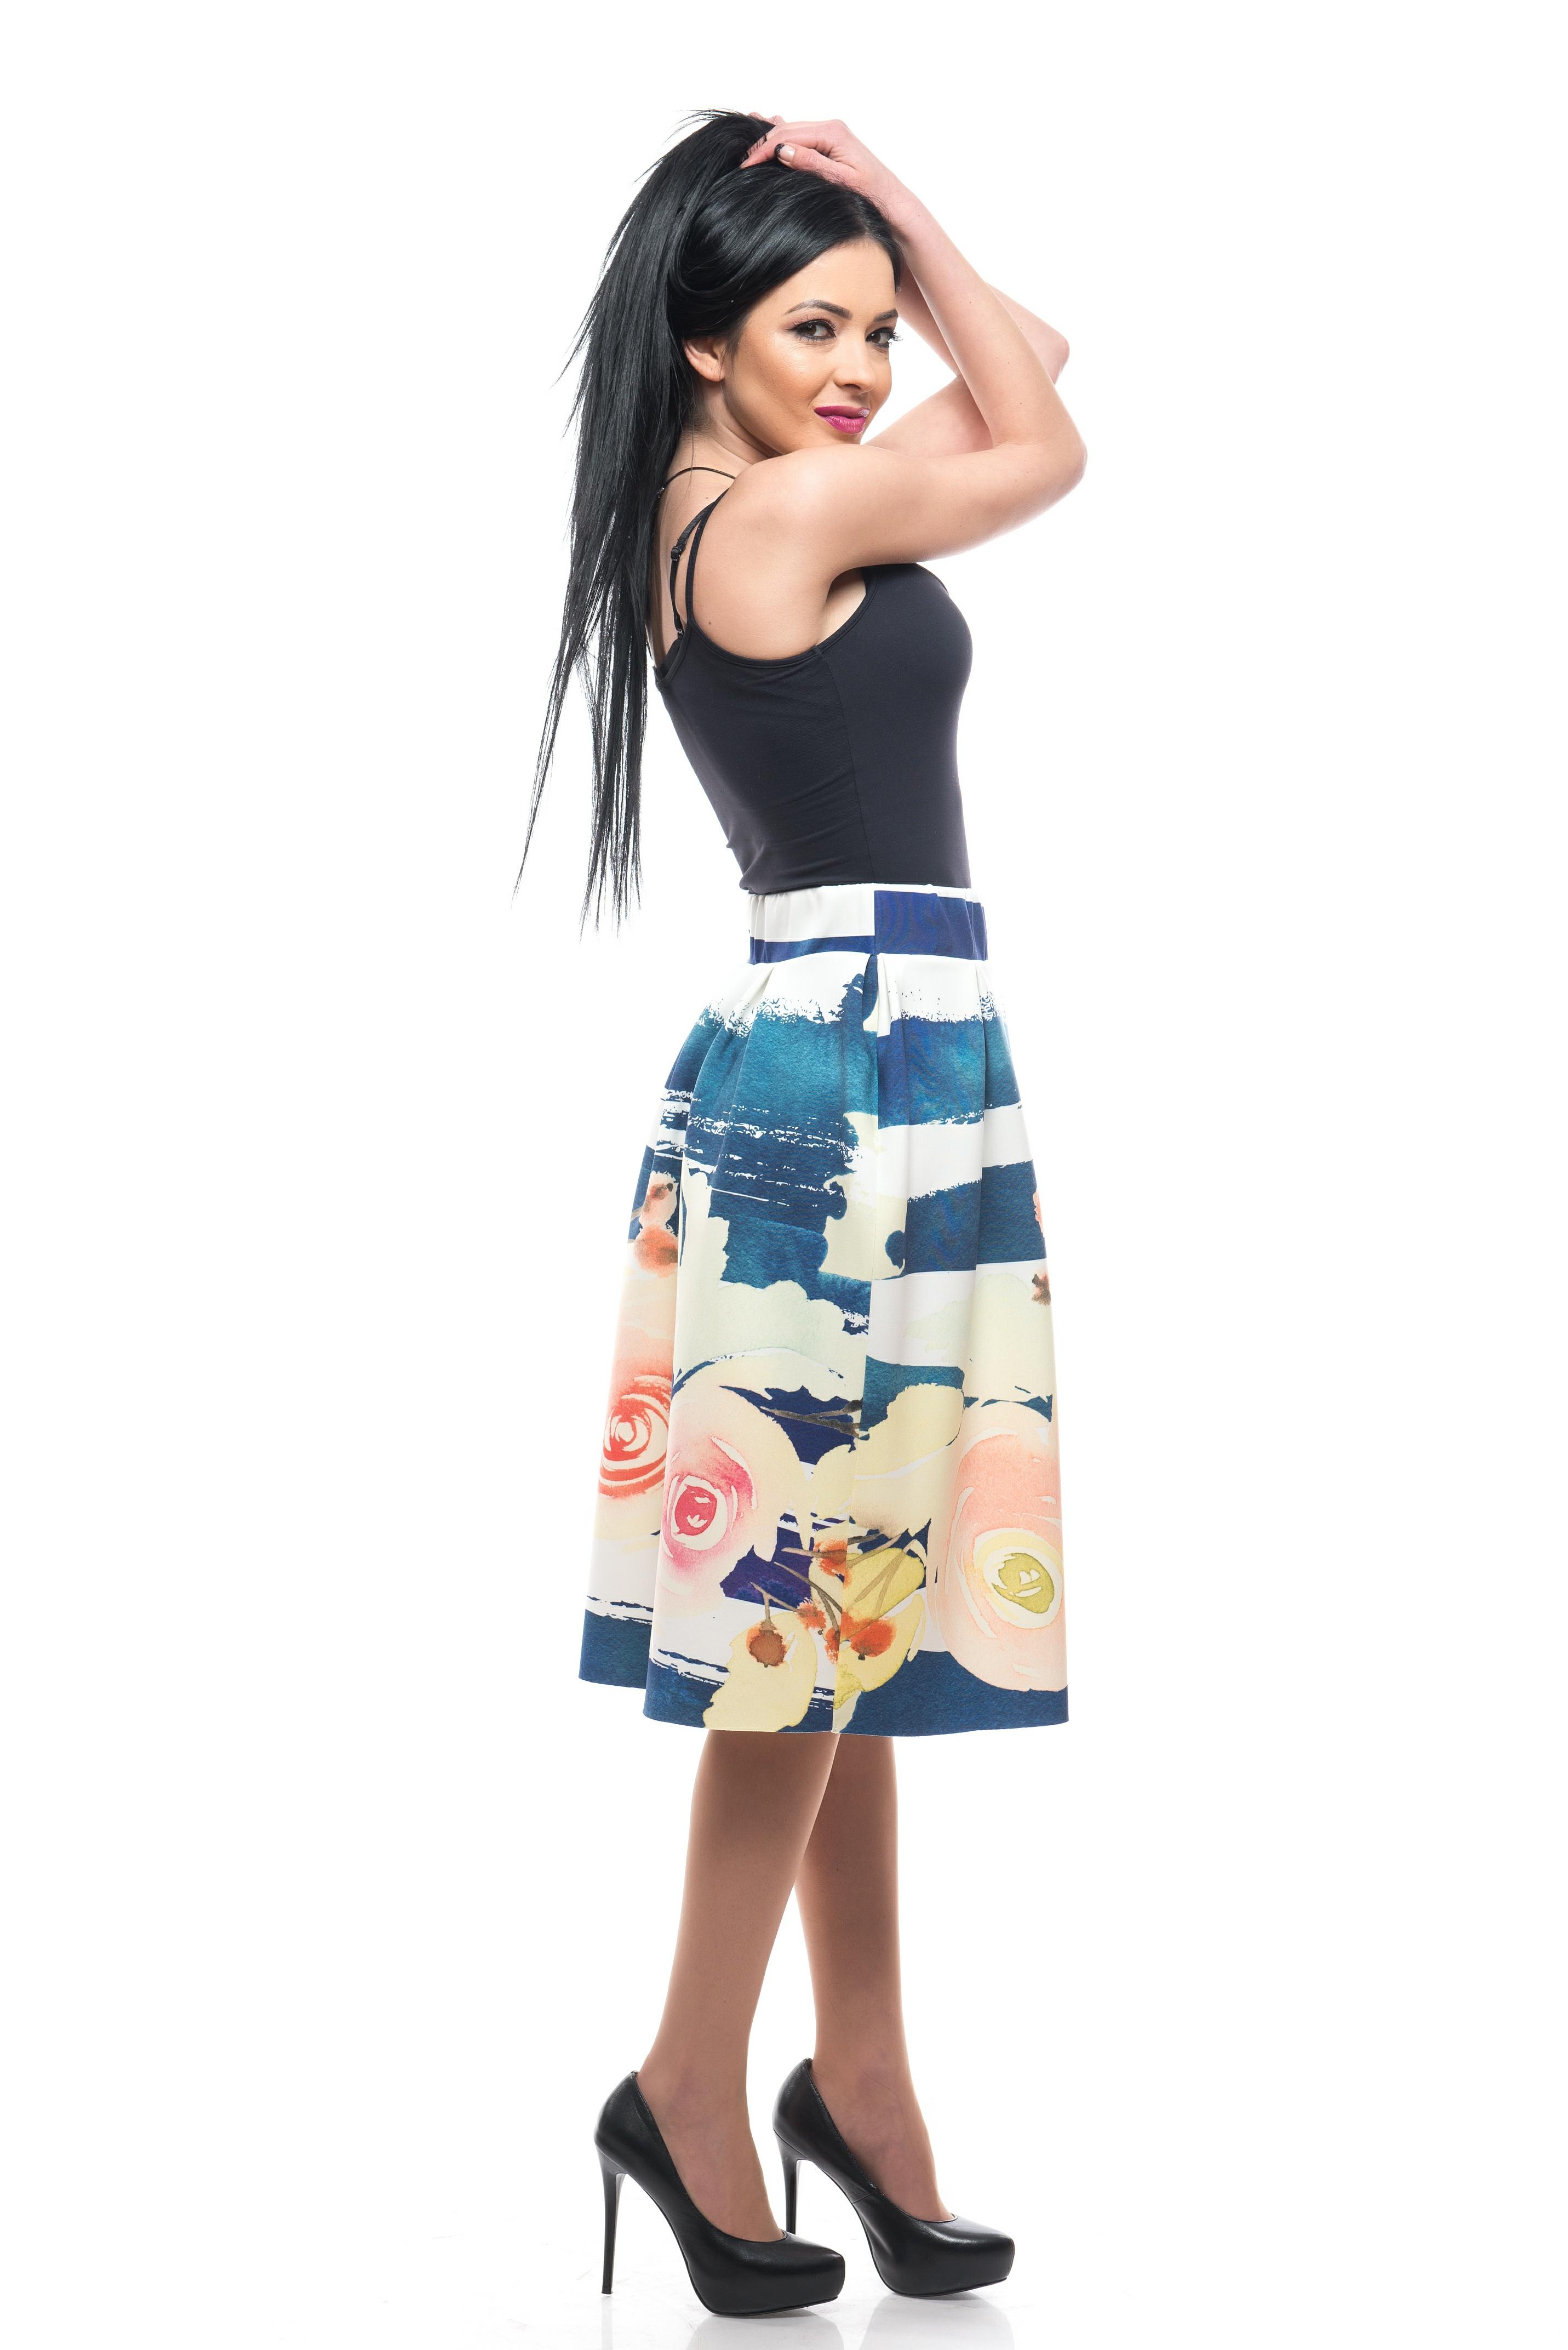 My Magenta Damen Kleid onhe Ärmel mit kleinen Blumen in Schwarz